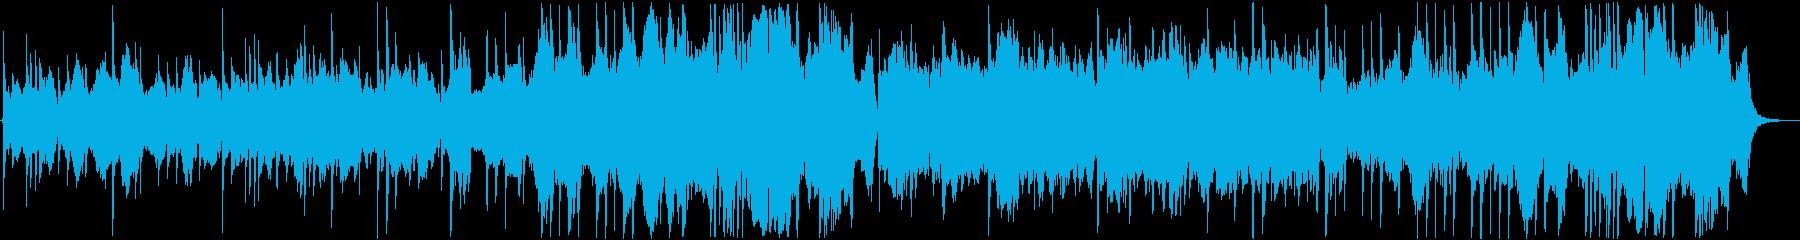 切ないピアノメインのクラシック風の再生済みの波形